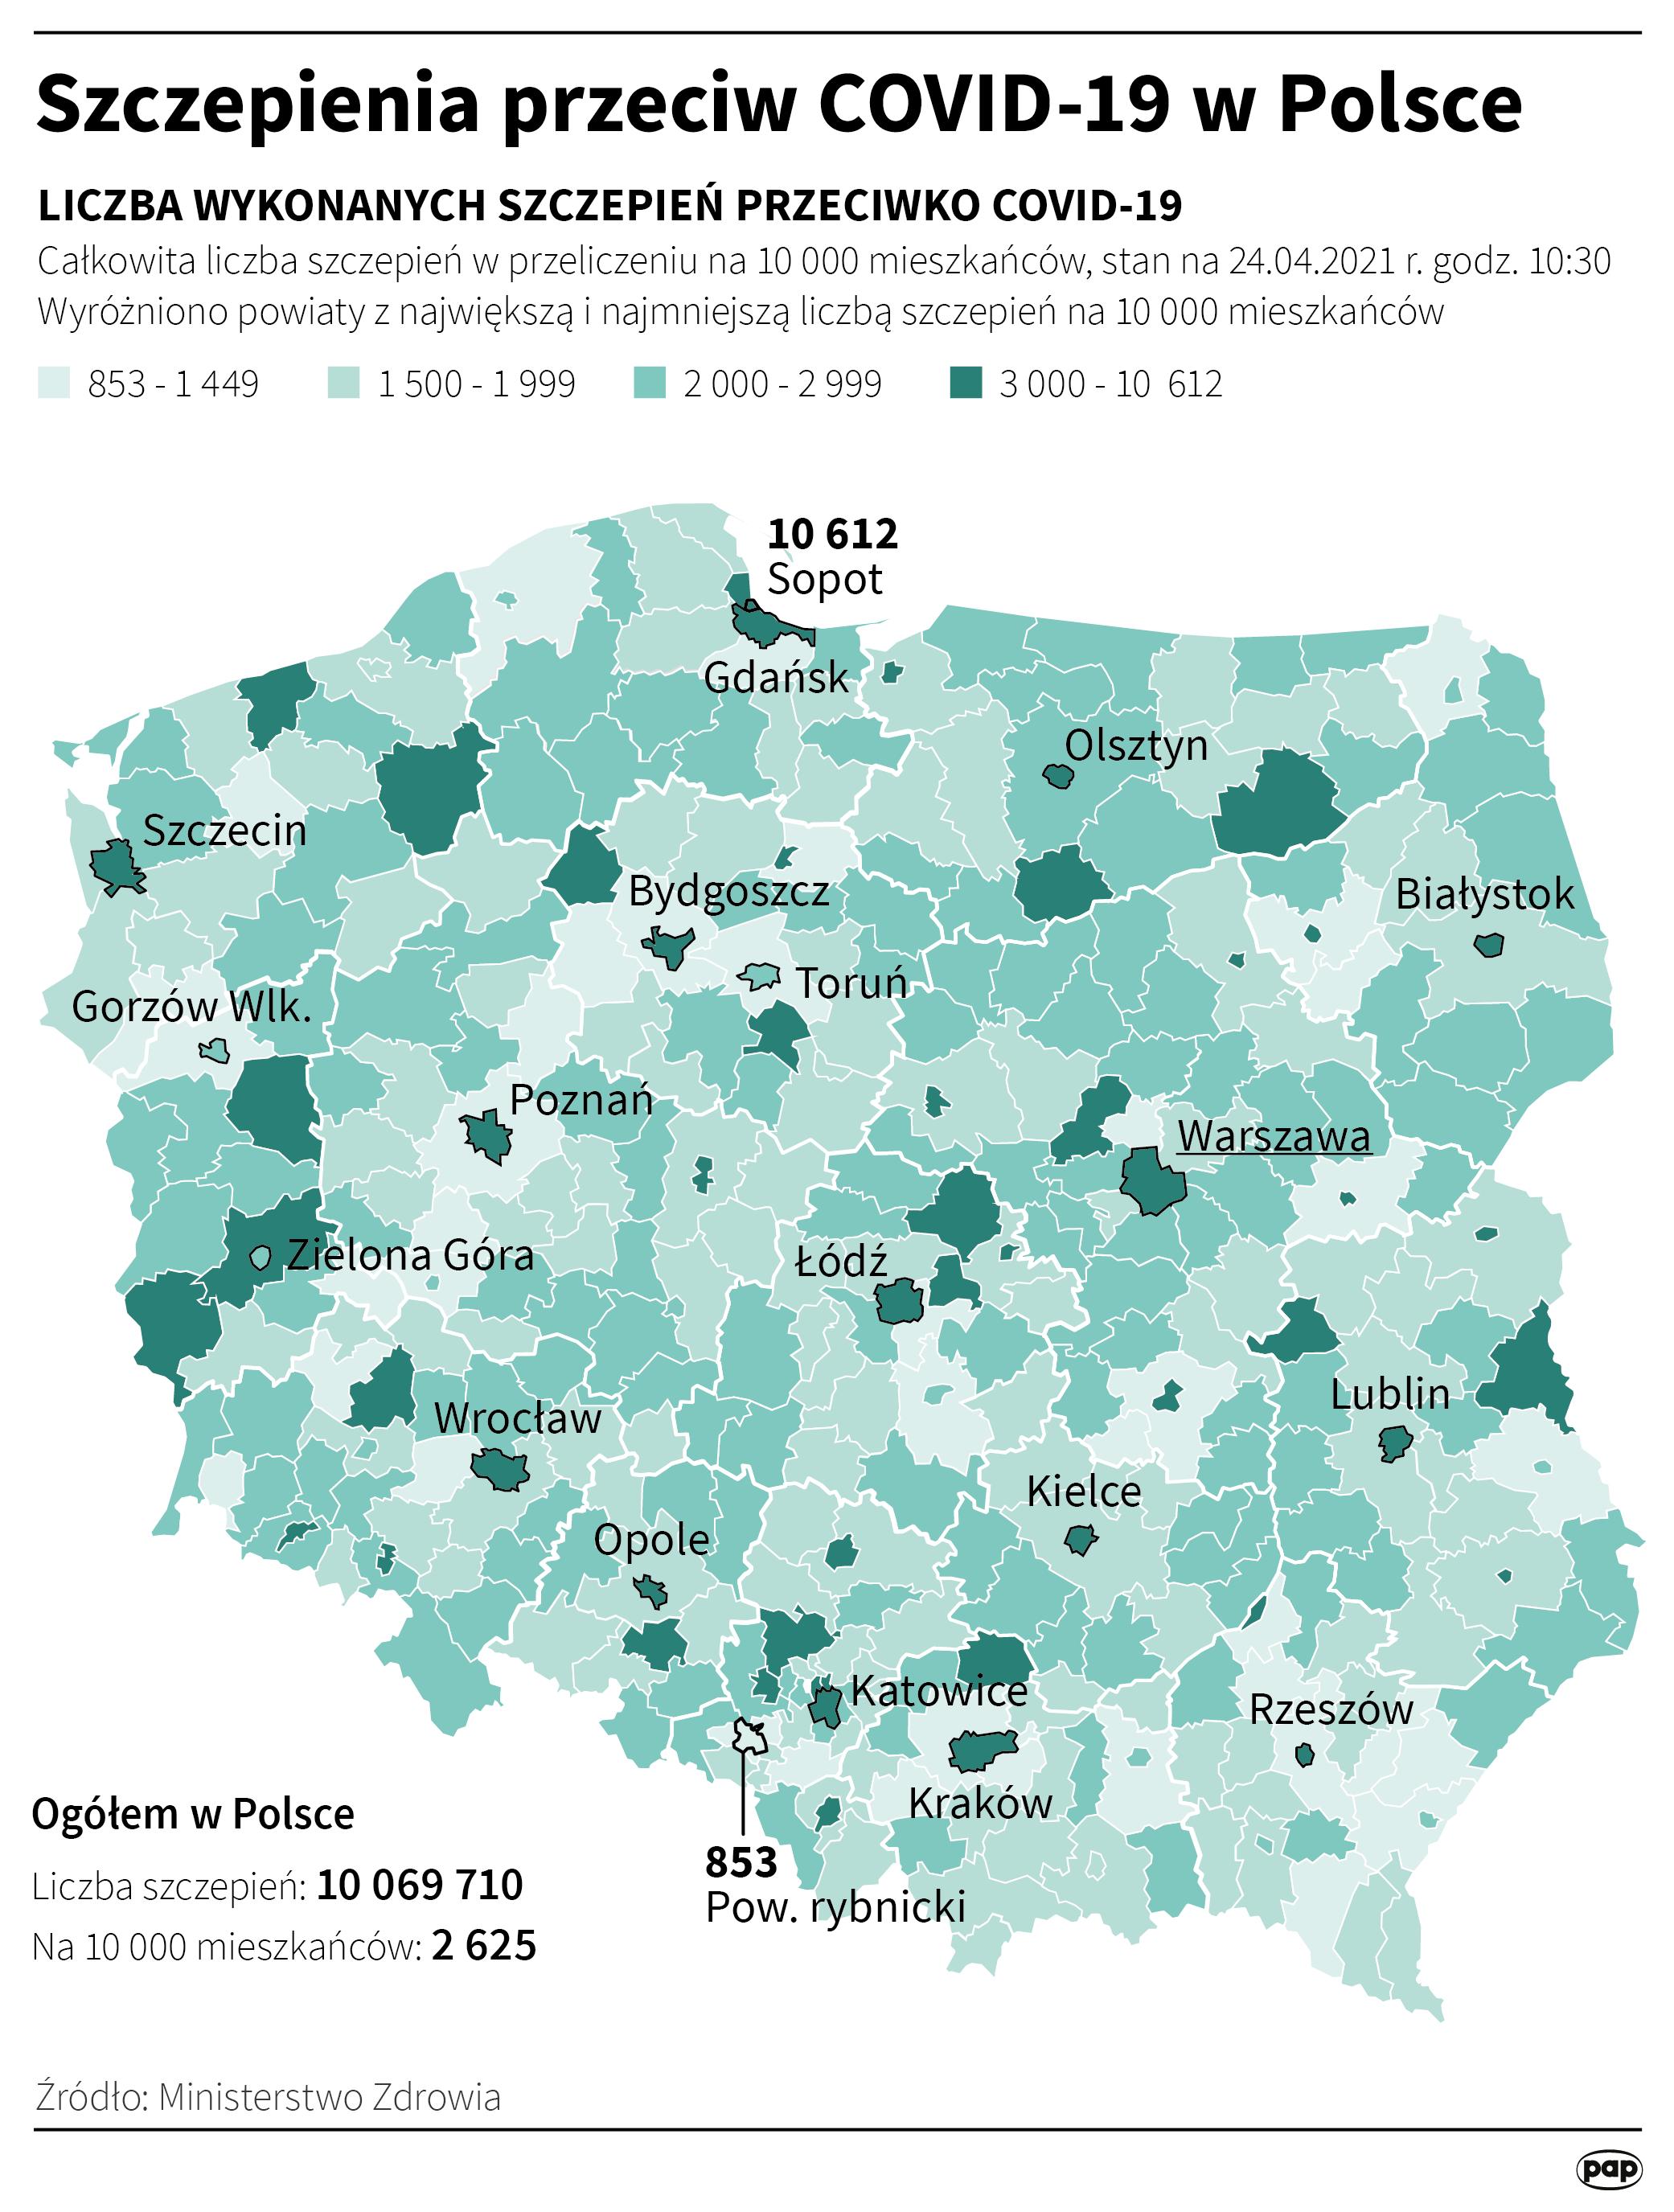 Szczepienia przeciw COVID-19 w Polsce - 24 kwietnia [rys. Maciej Zieliński / PAP]